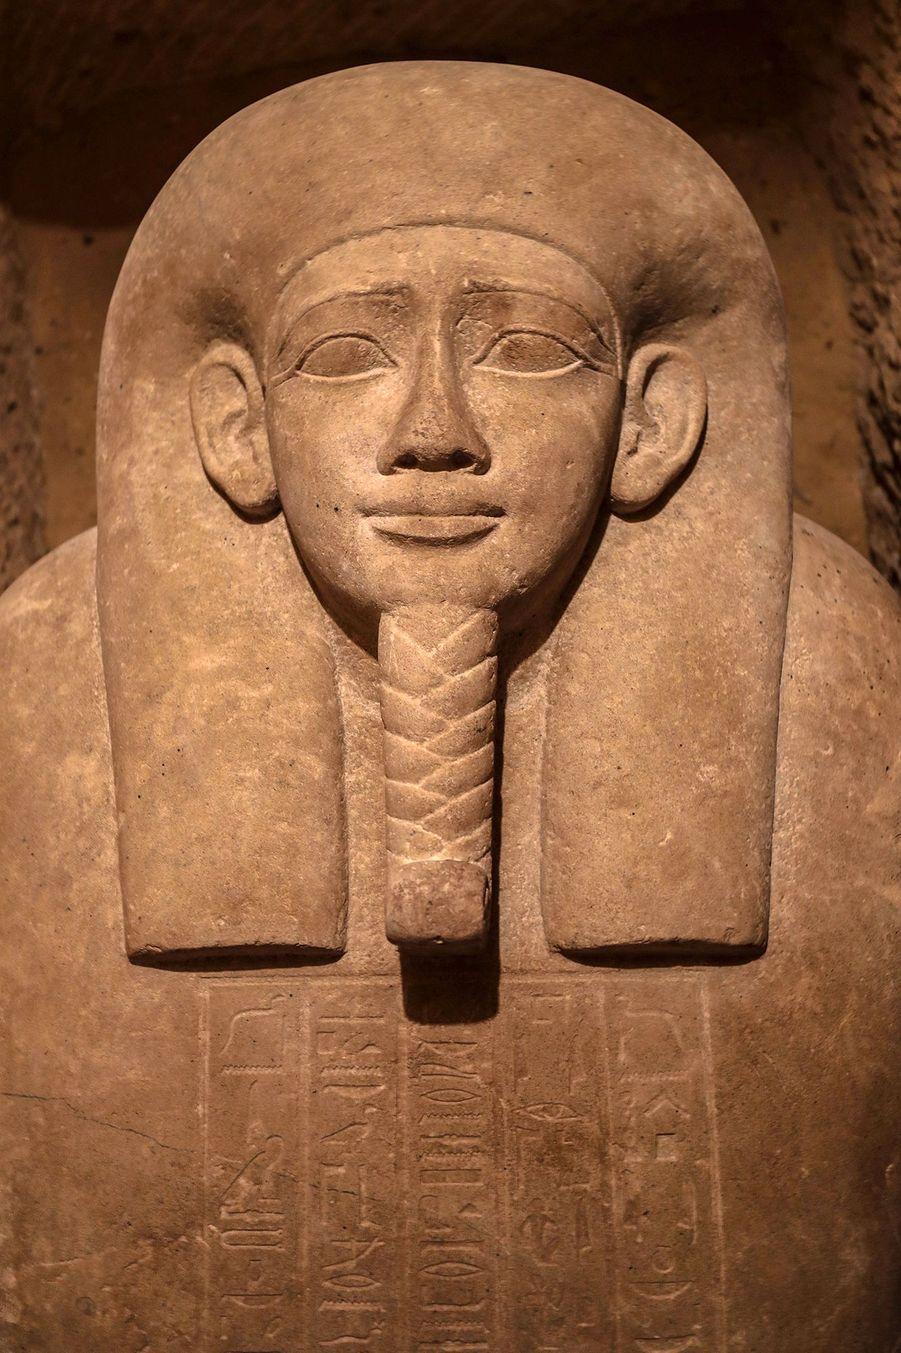 Seize tombes, contenant au total vingt sarcophages dont certains gravés d'hiéroglyphes, ont été exhumées par une mission archéologique égyptienne sur le site d'Al Ghoreifadans la région de Minya, à 300 kilomètres au sud du Caire.